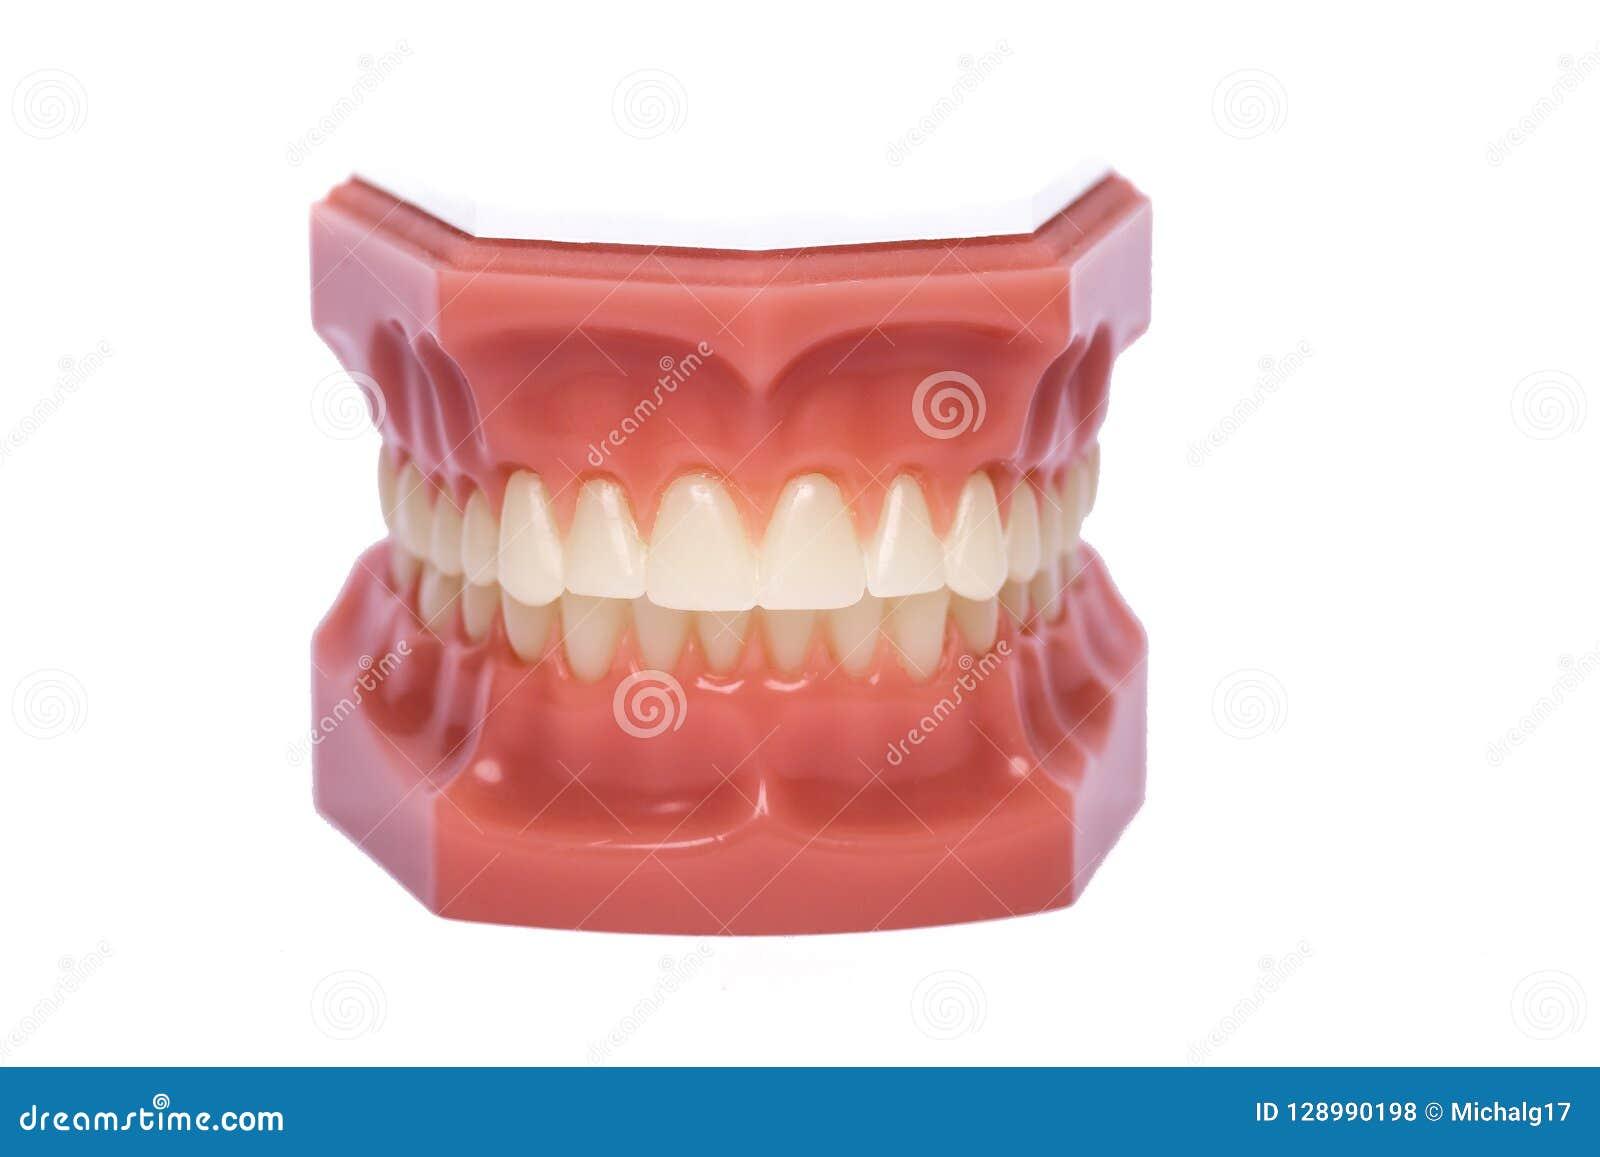 Modèle orthodontique utilisé en art dentaire pour la démonstration et les buts éducatifs